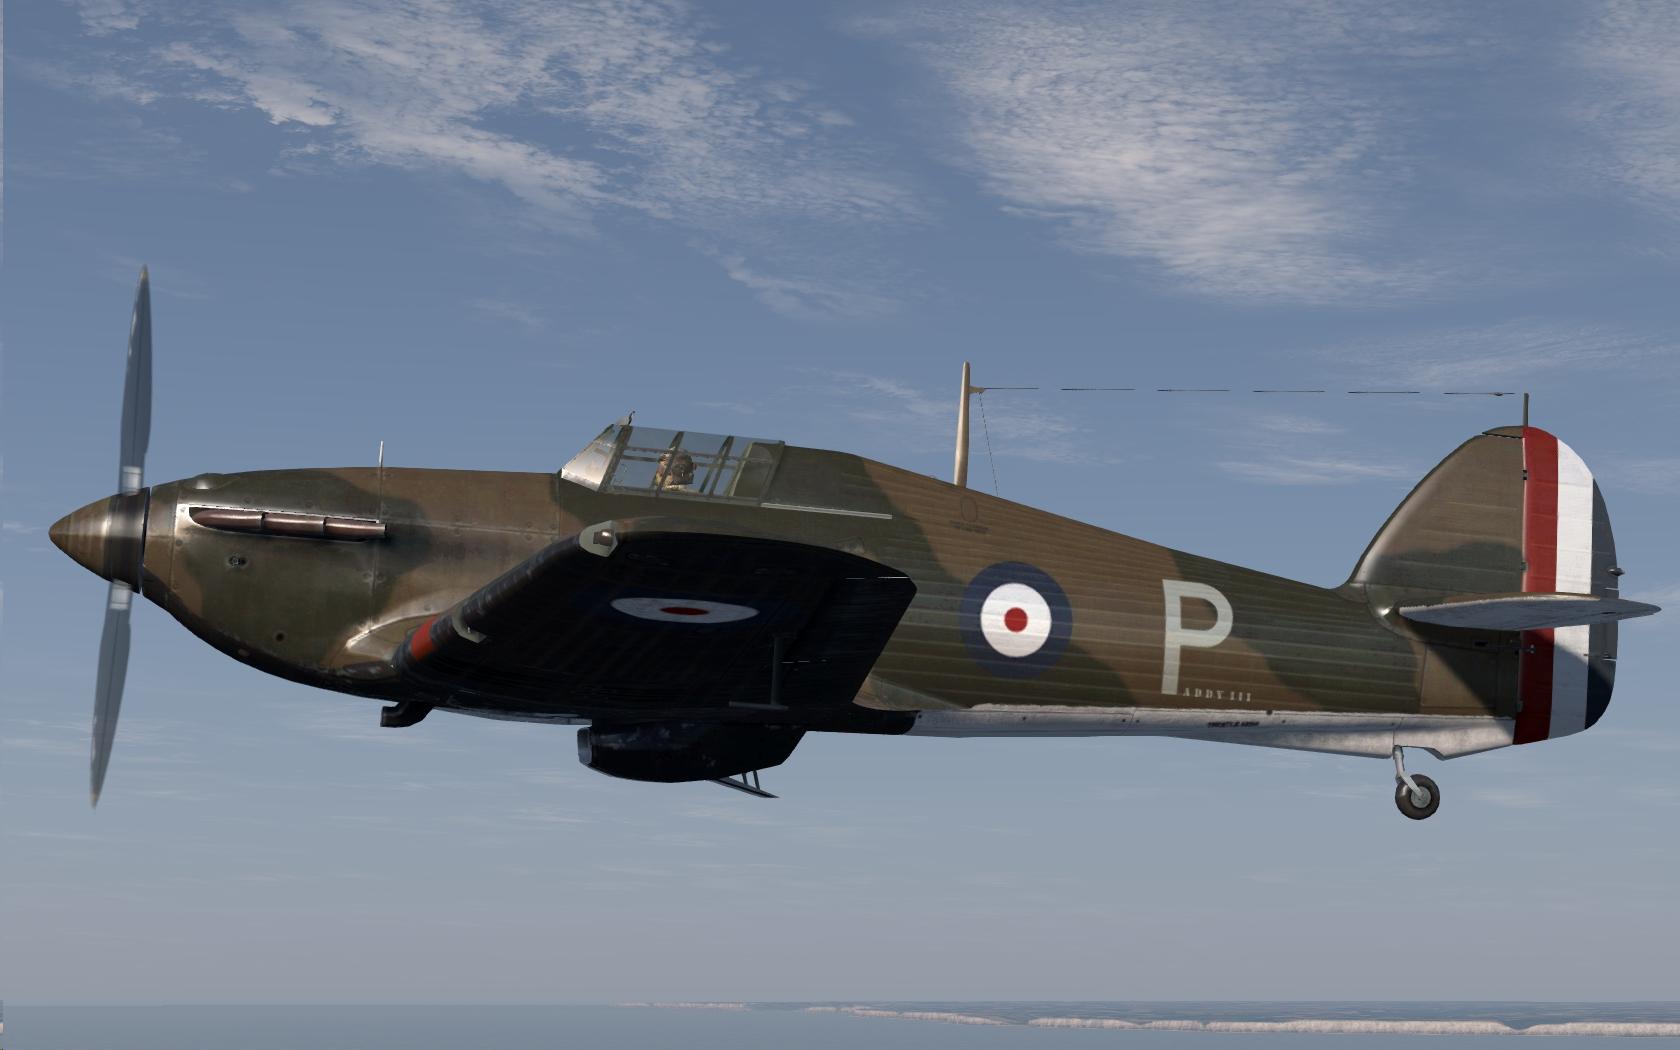 COD C6 I RAF 73Sqn P Paddy III flown by PO EJ Kain France 1940 V0A